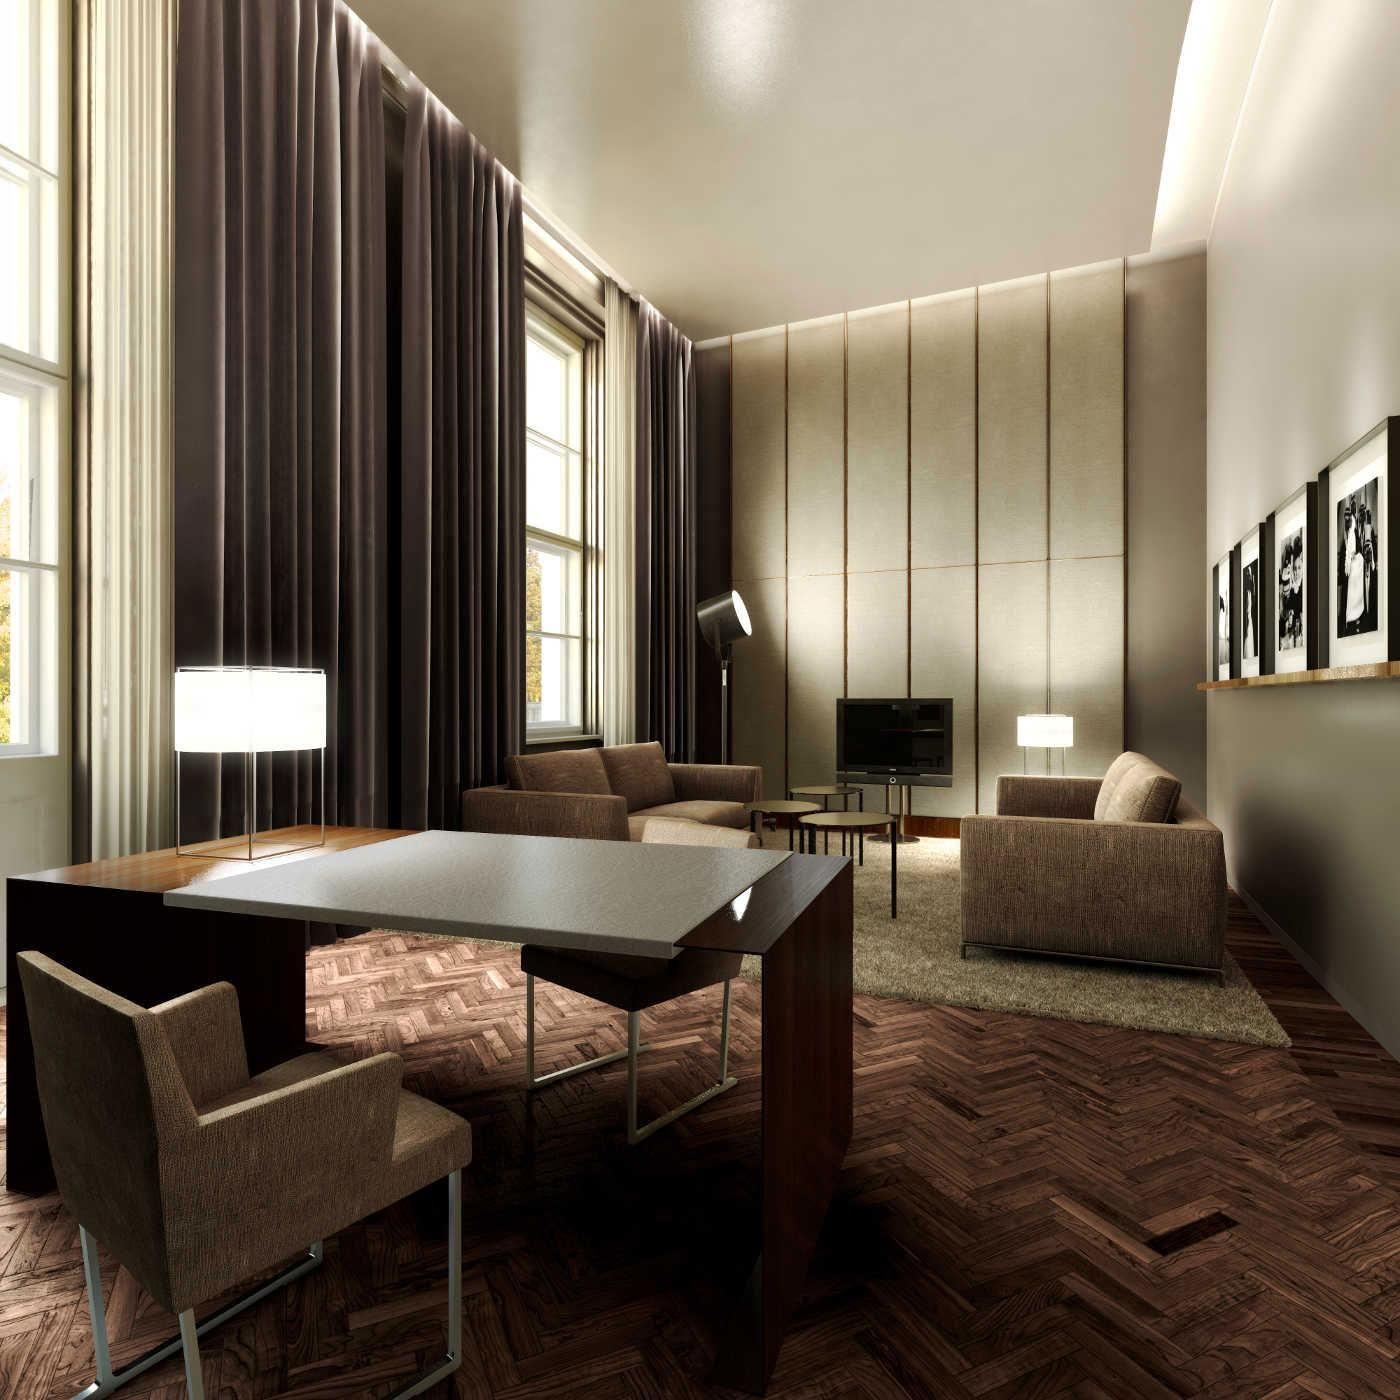 Grau Vorhange Wohnzimmer Ausgestattet Mit Parkett Auch Graue Vorhang